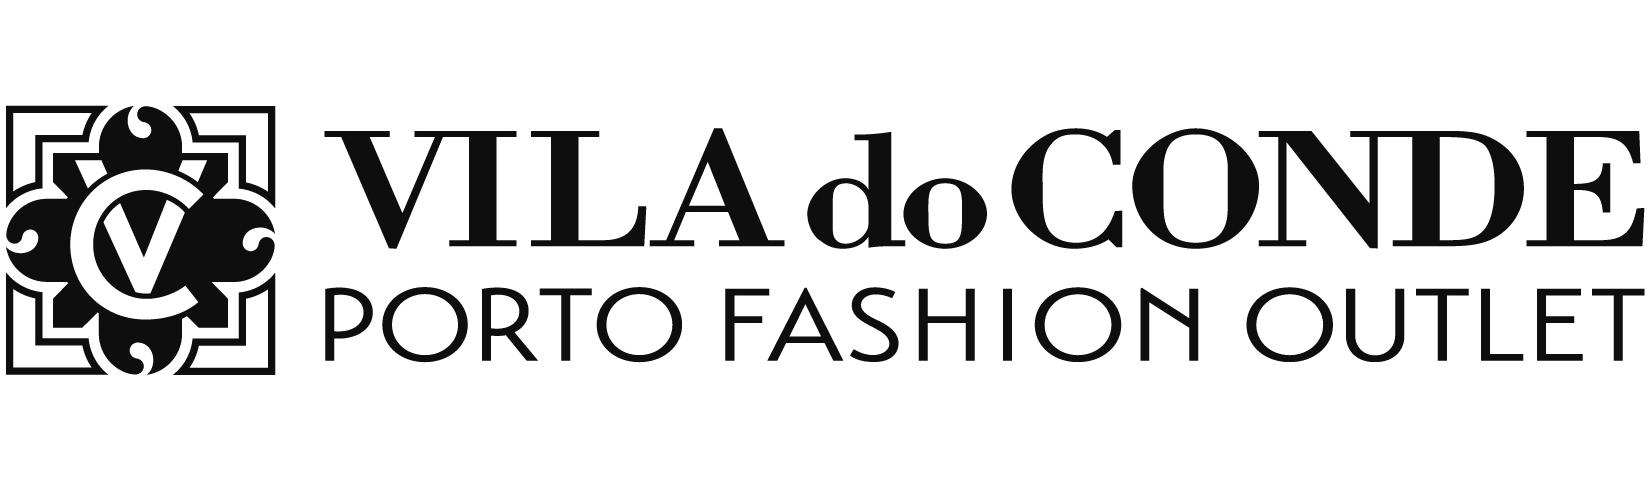 Fashion logo 2.png